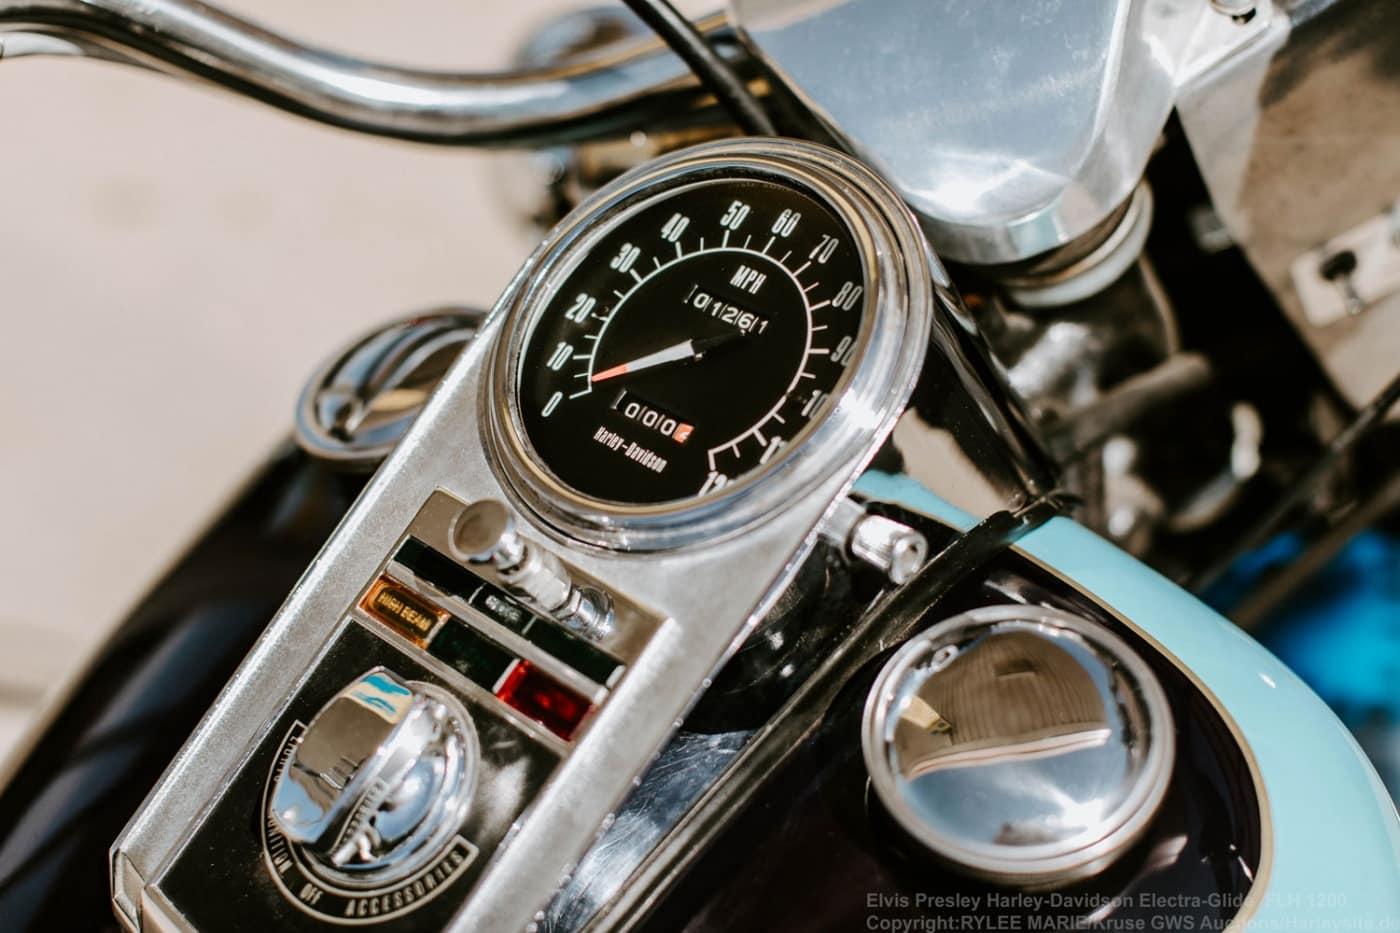 Zeigt das Tacho von der Harley-Davidson Electra-Glide FLH 1976